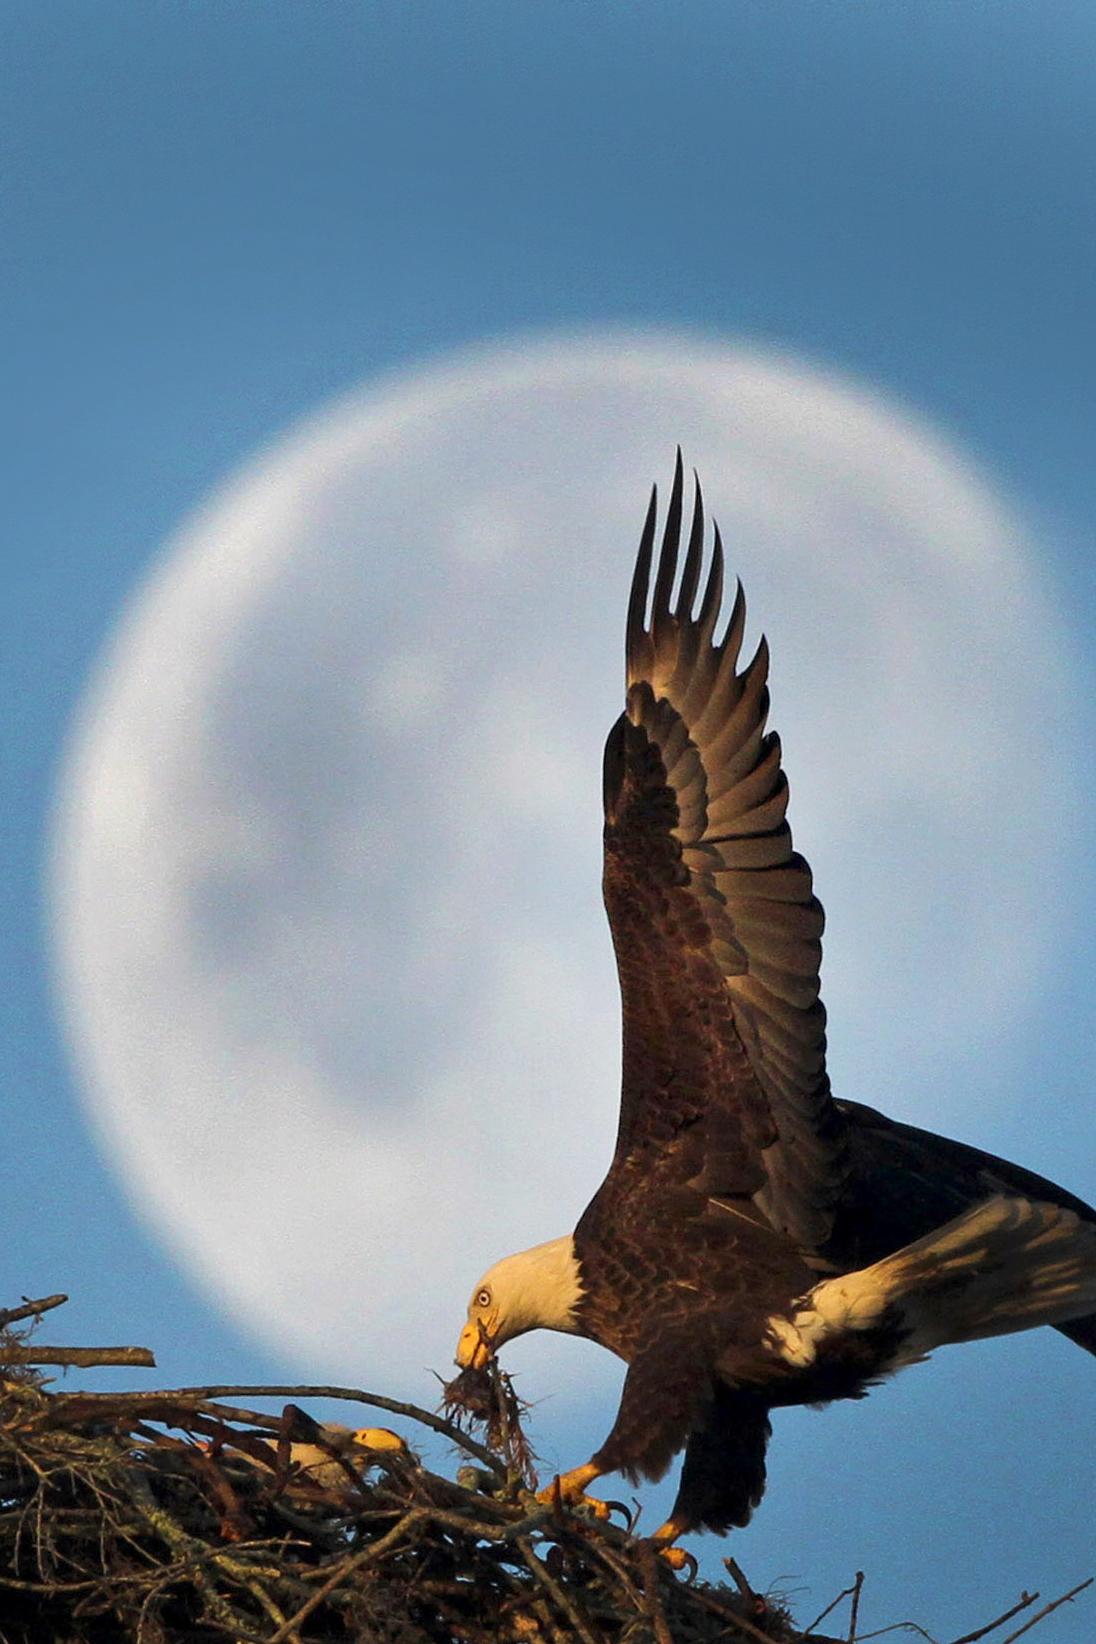 当地时间2012年1月12日,美国佛罗里达州桑福德市,一只秃鹰衔着猎物降落在西边空中的月亮前方。摄影师:Red Huber